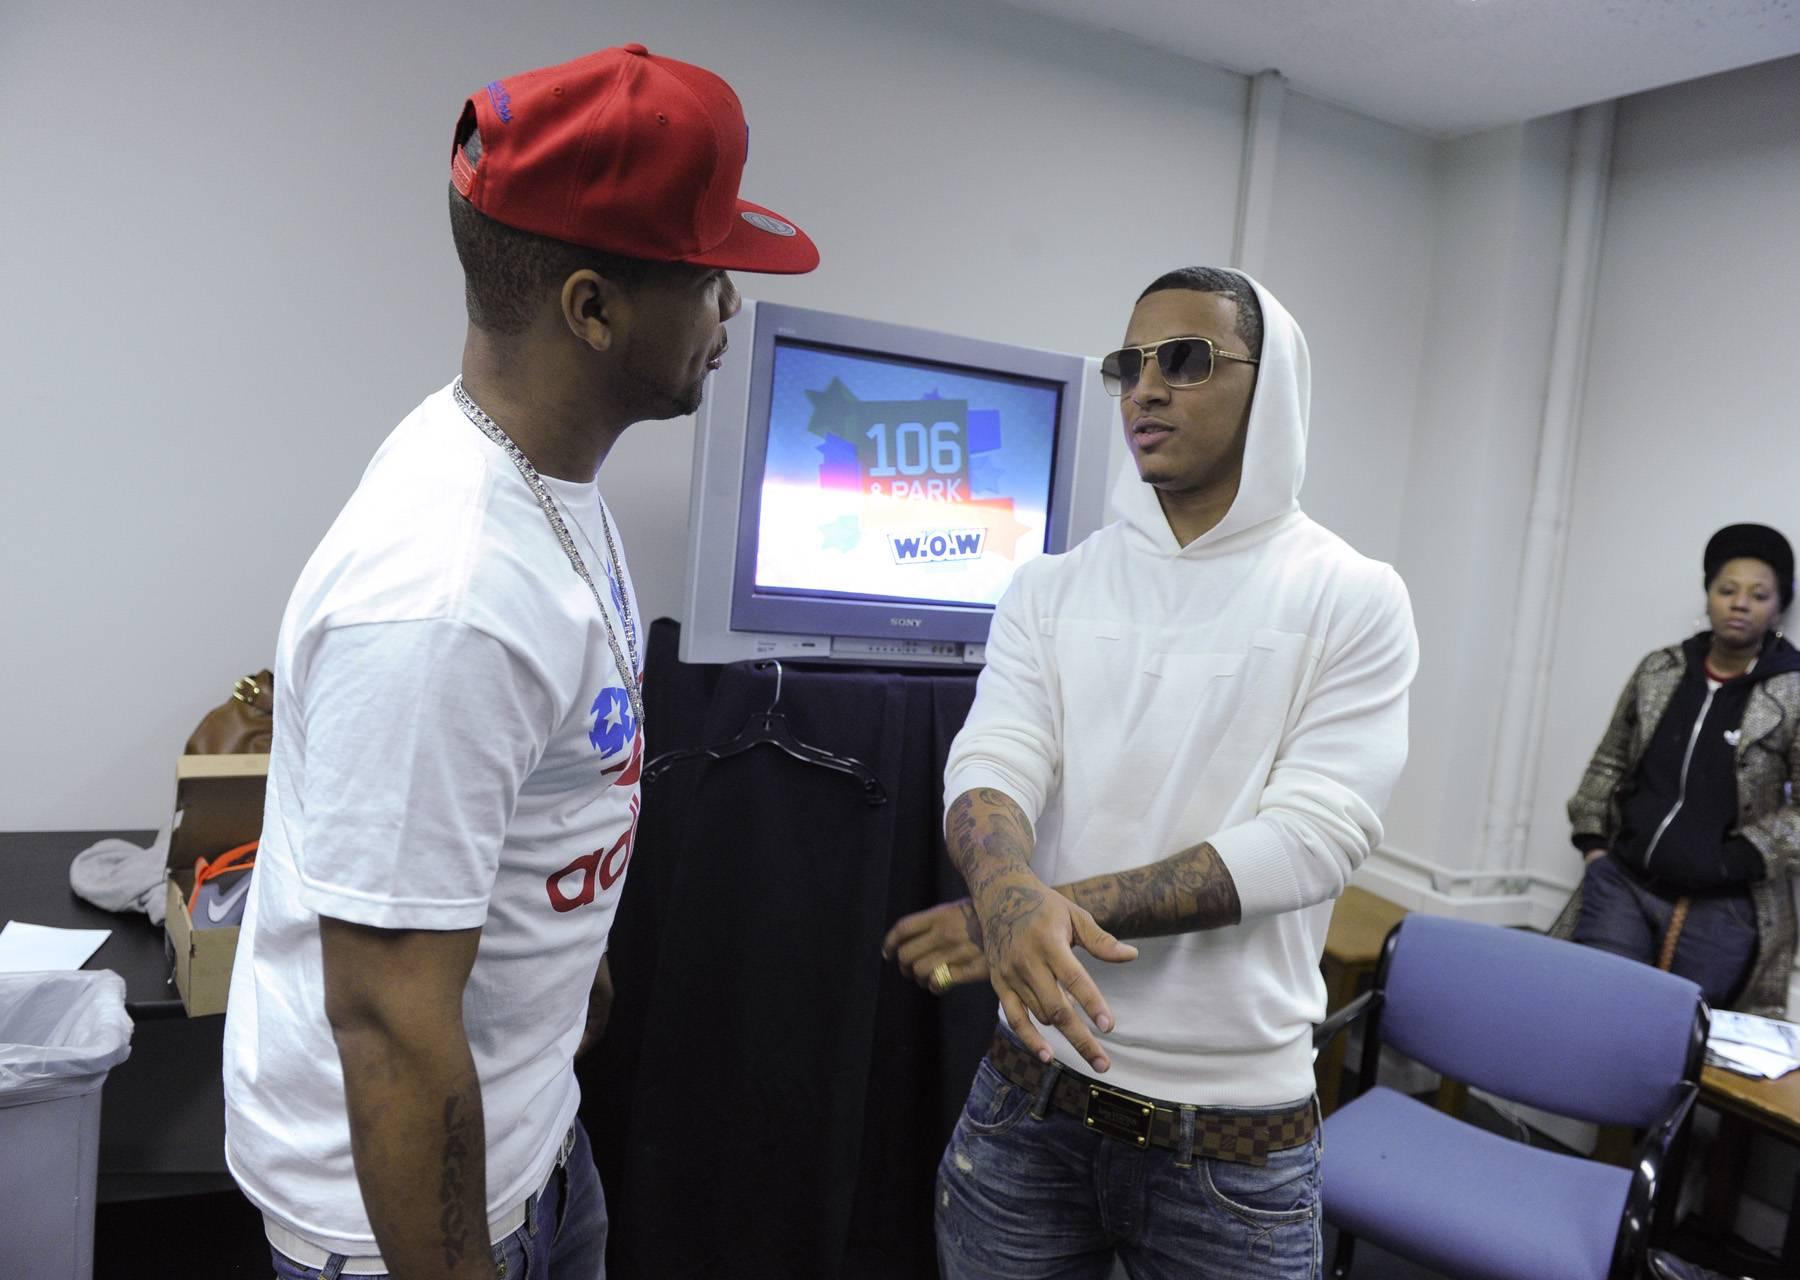 Harlem Meets Houston - Juelz Santana and Kirko Bangz in the green room at 106 & Park, May 2, 2012.(Photo: John Ricard/BET)